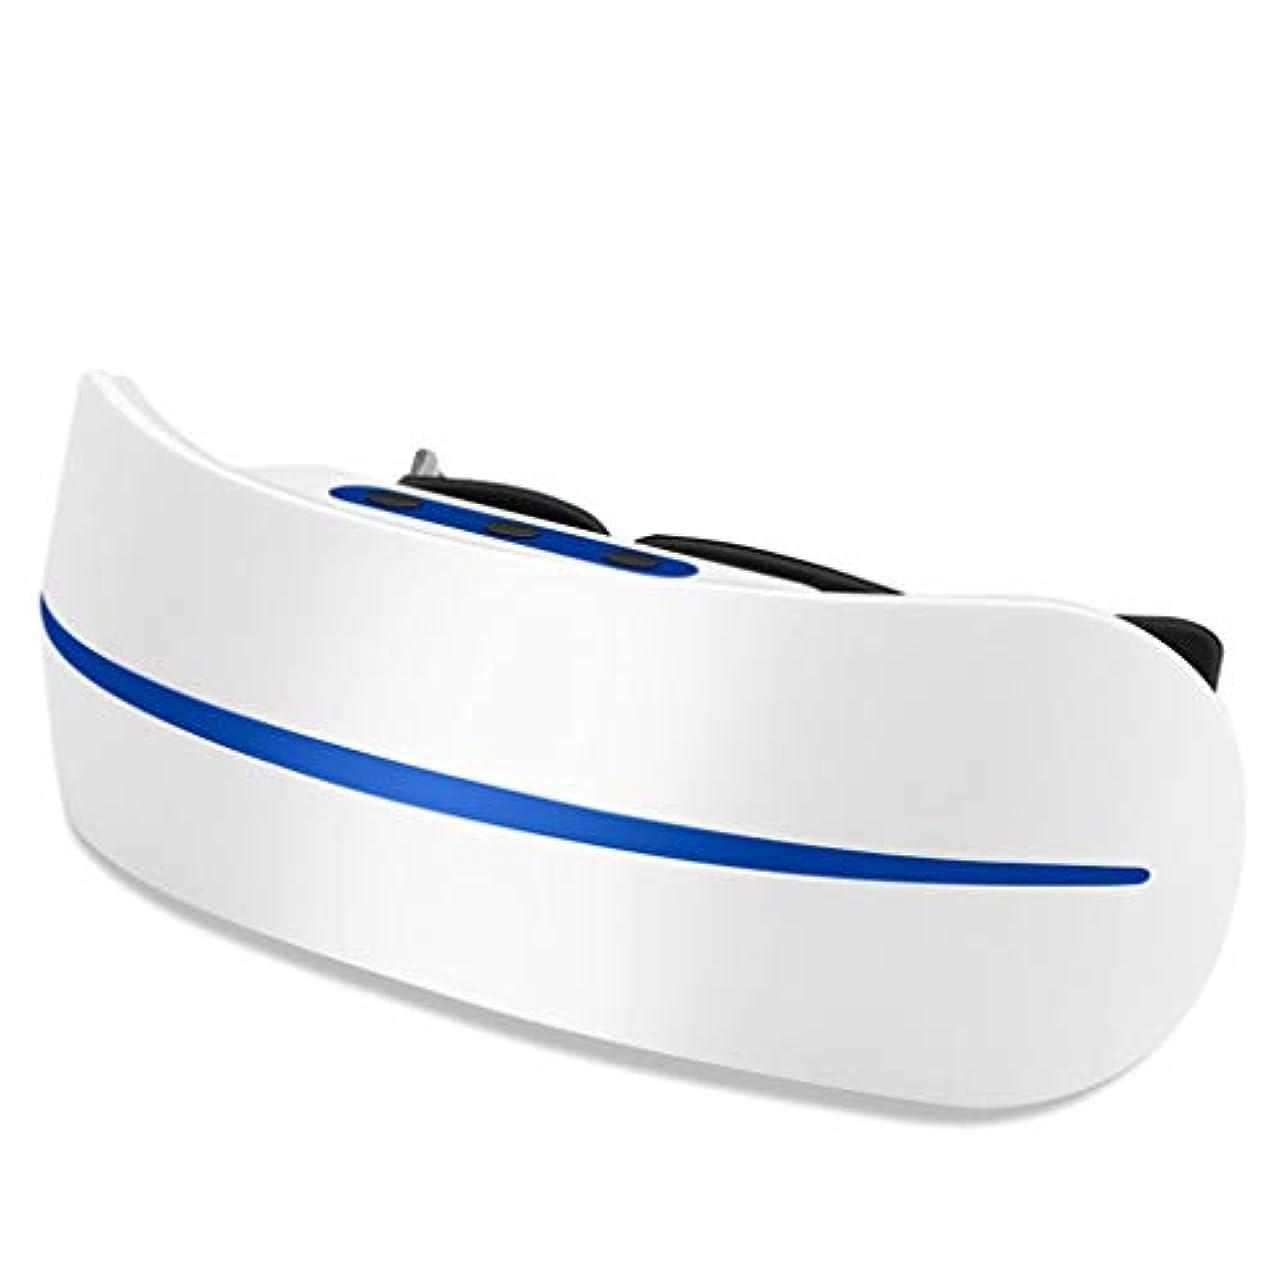 挑発するシリーズムスアイマッサージャー視力回復剤アイ近視矯正アイプロテクターアイプロテクション軽減疲労ダークサークルアイマスク